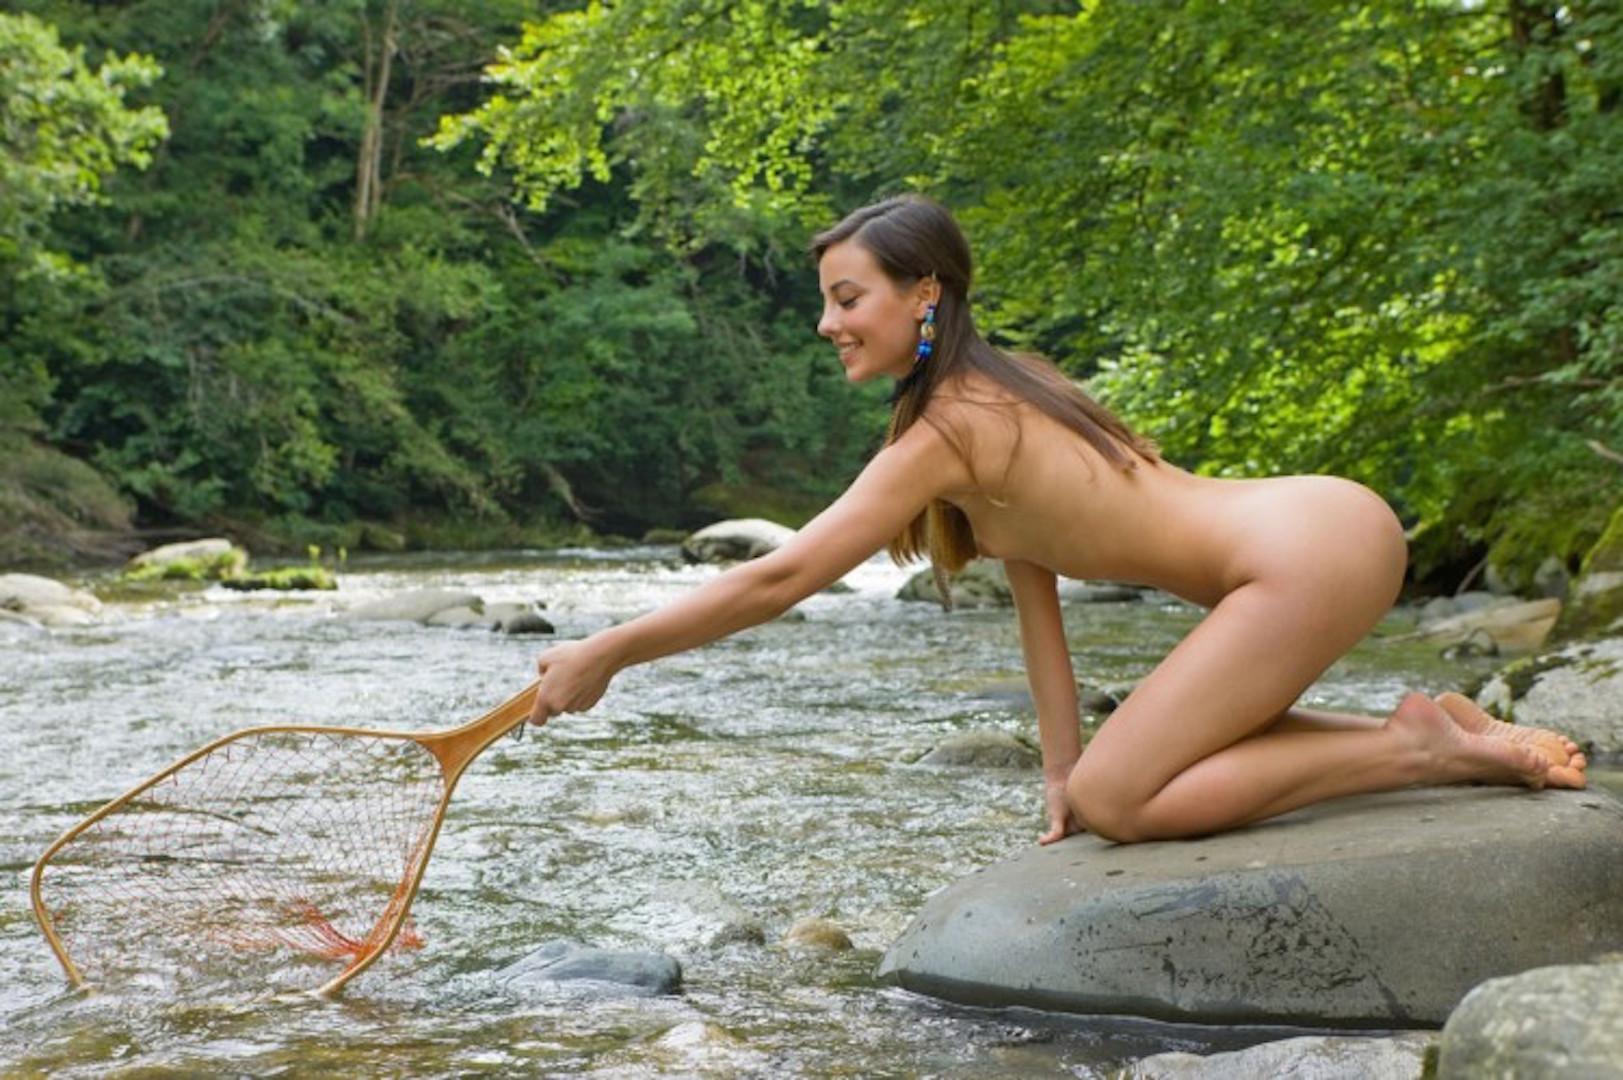 Русская девка на рыбалке фото 5 фотография